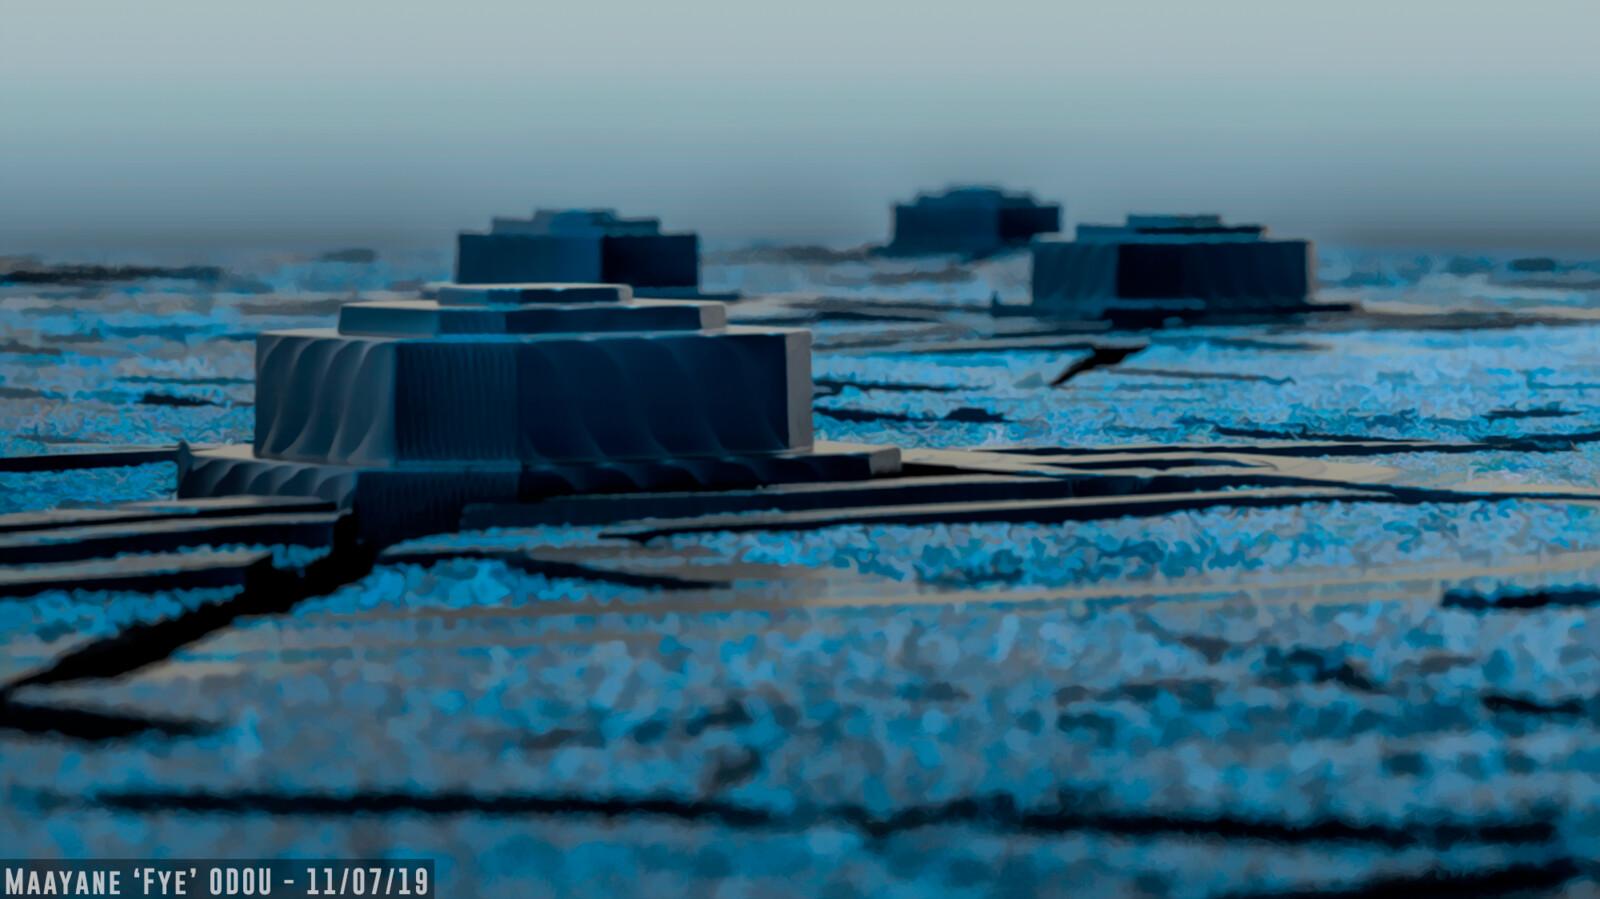 Square Sci-fi city